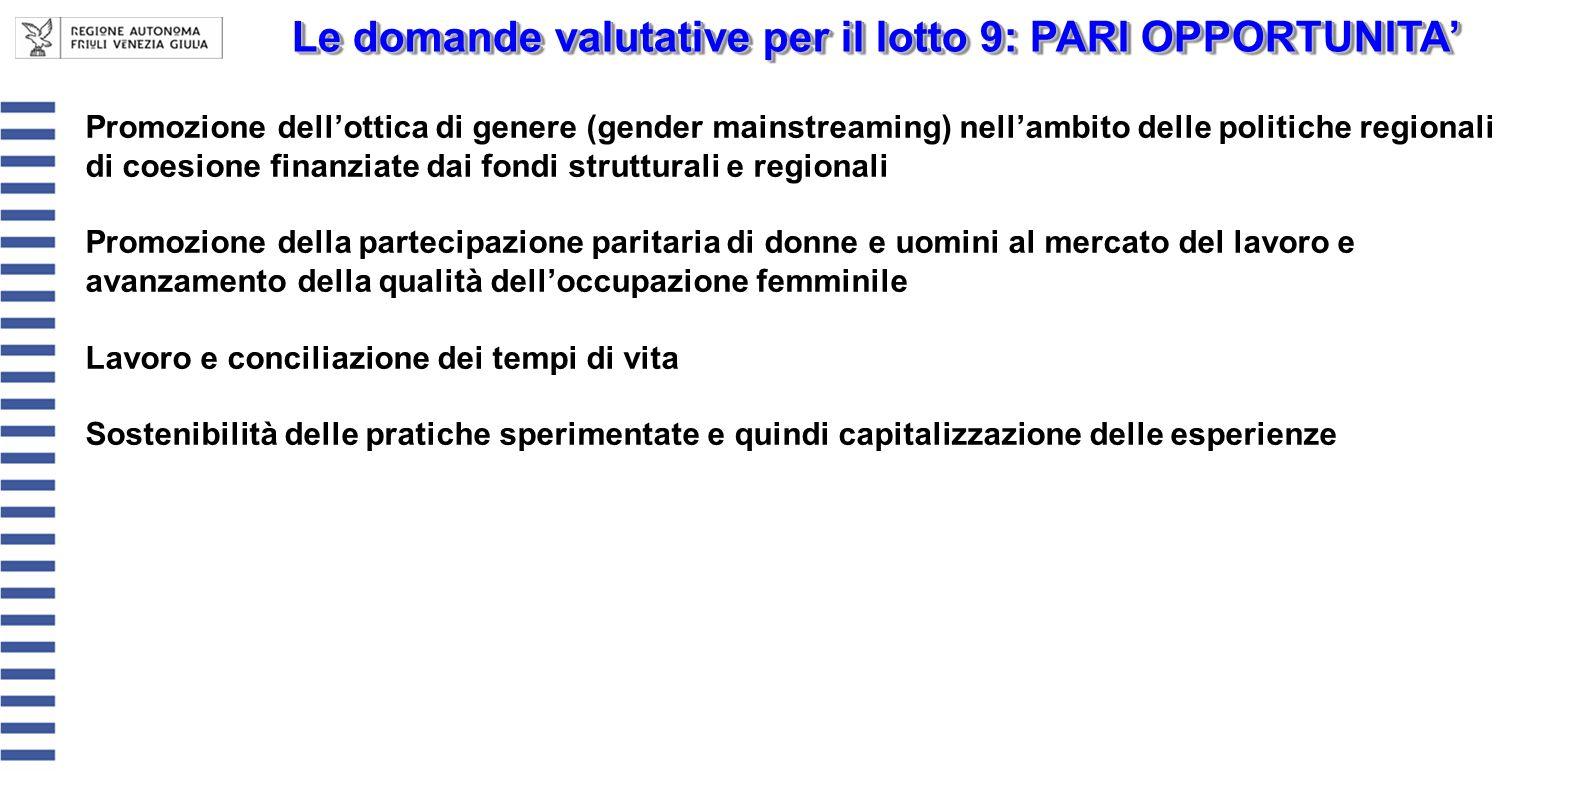 Le domande valutative per il lotto 9: PARI OPPORTUNITA Promozione dellottica di genere (gender mainstreaming) nellambito delle politiche regionali di